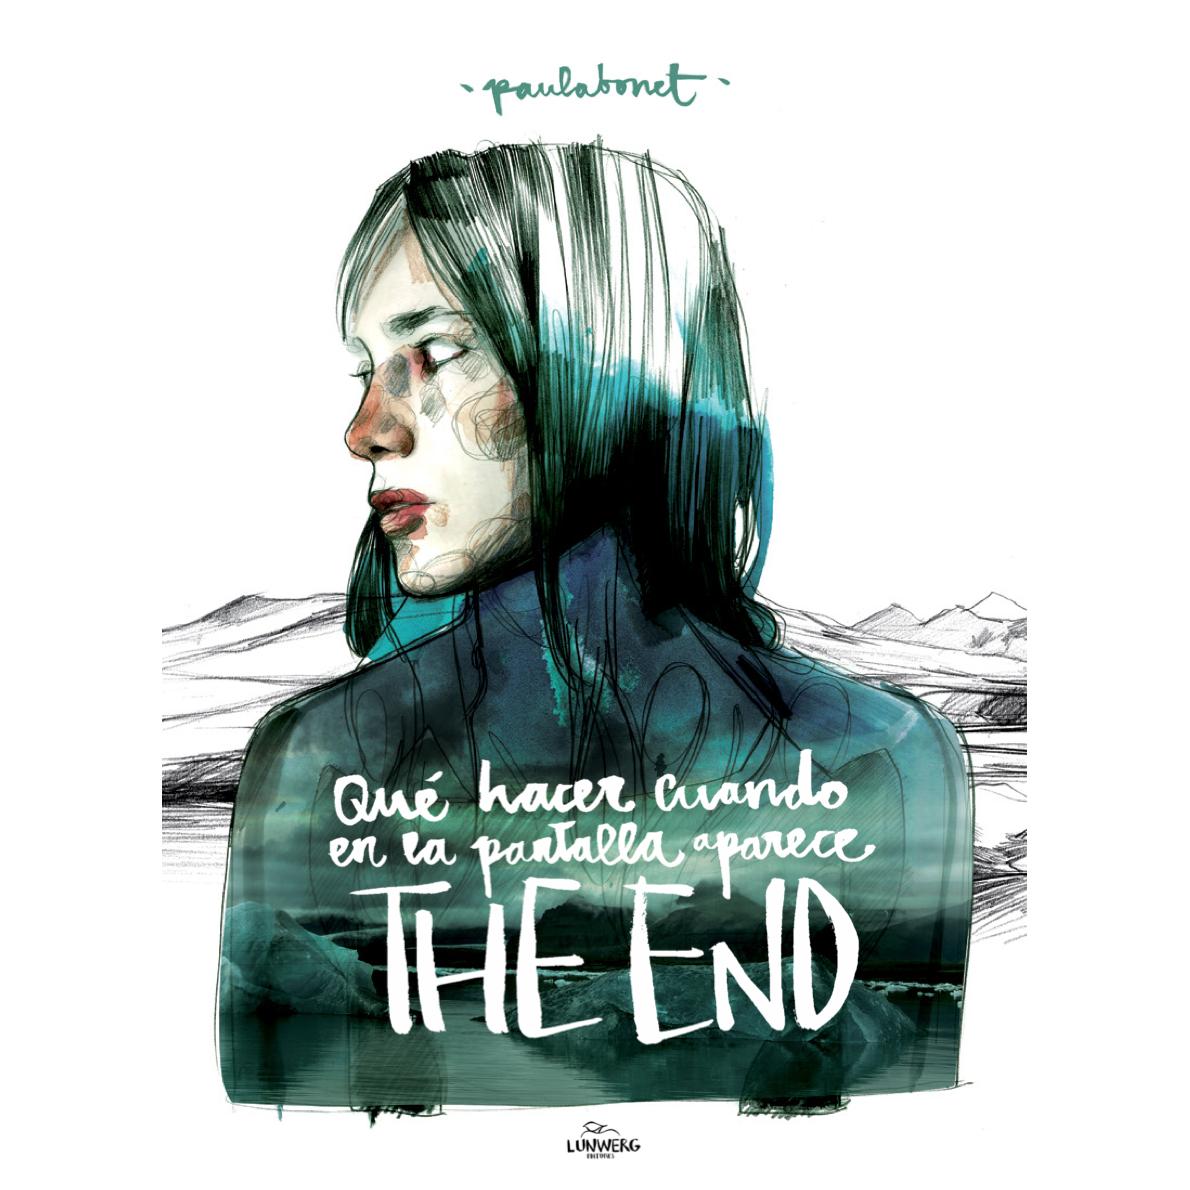 Qué hacer cuando en la pantalla aparece The End es el nuevo libro de Paula Bonet que saldrá a la venta el 6 de marzo.